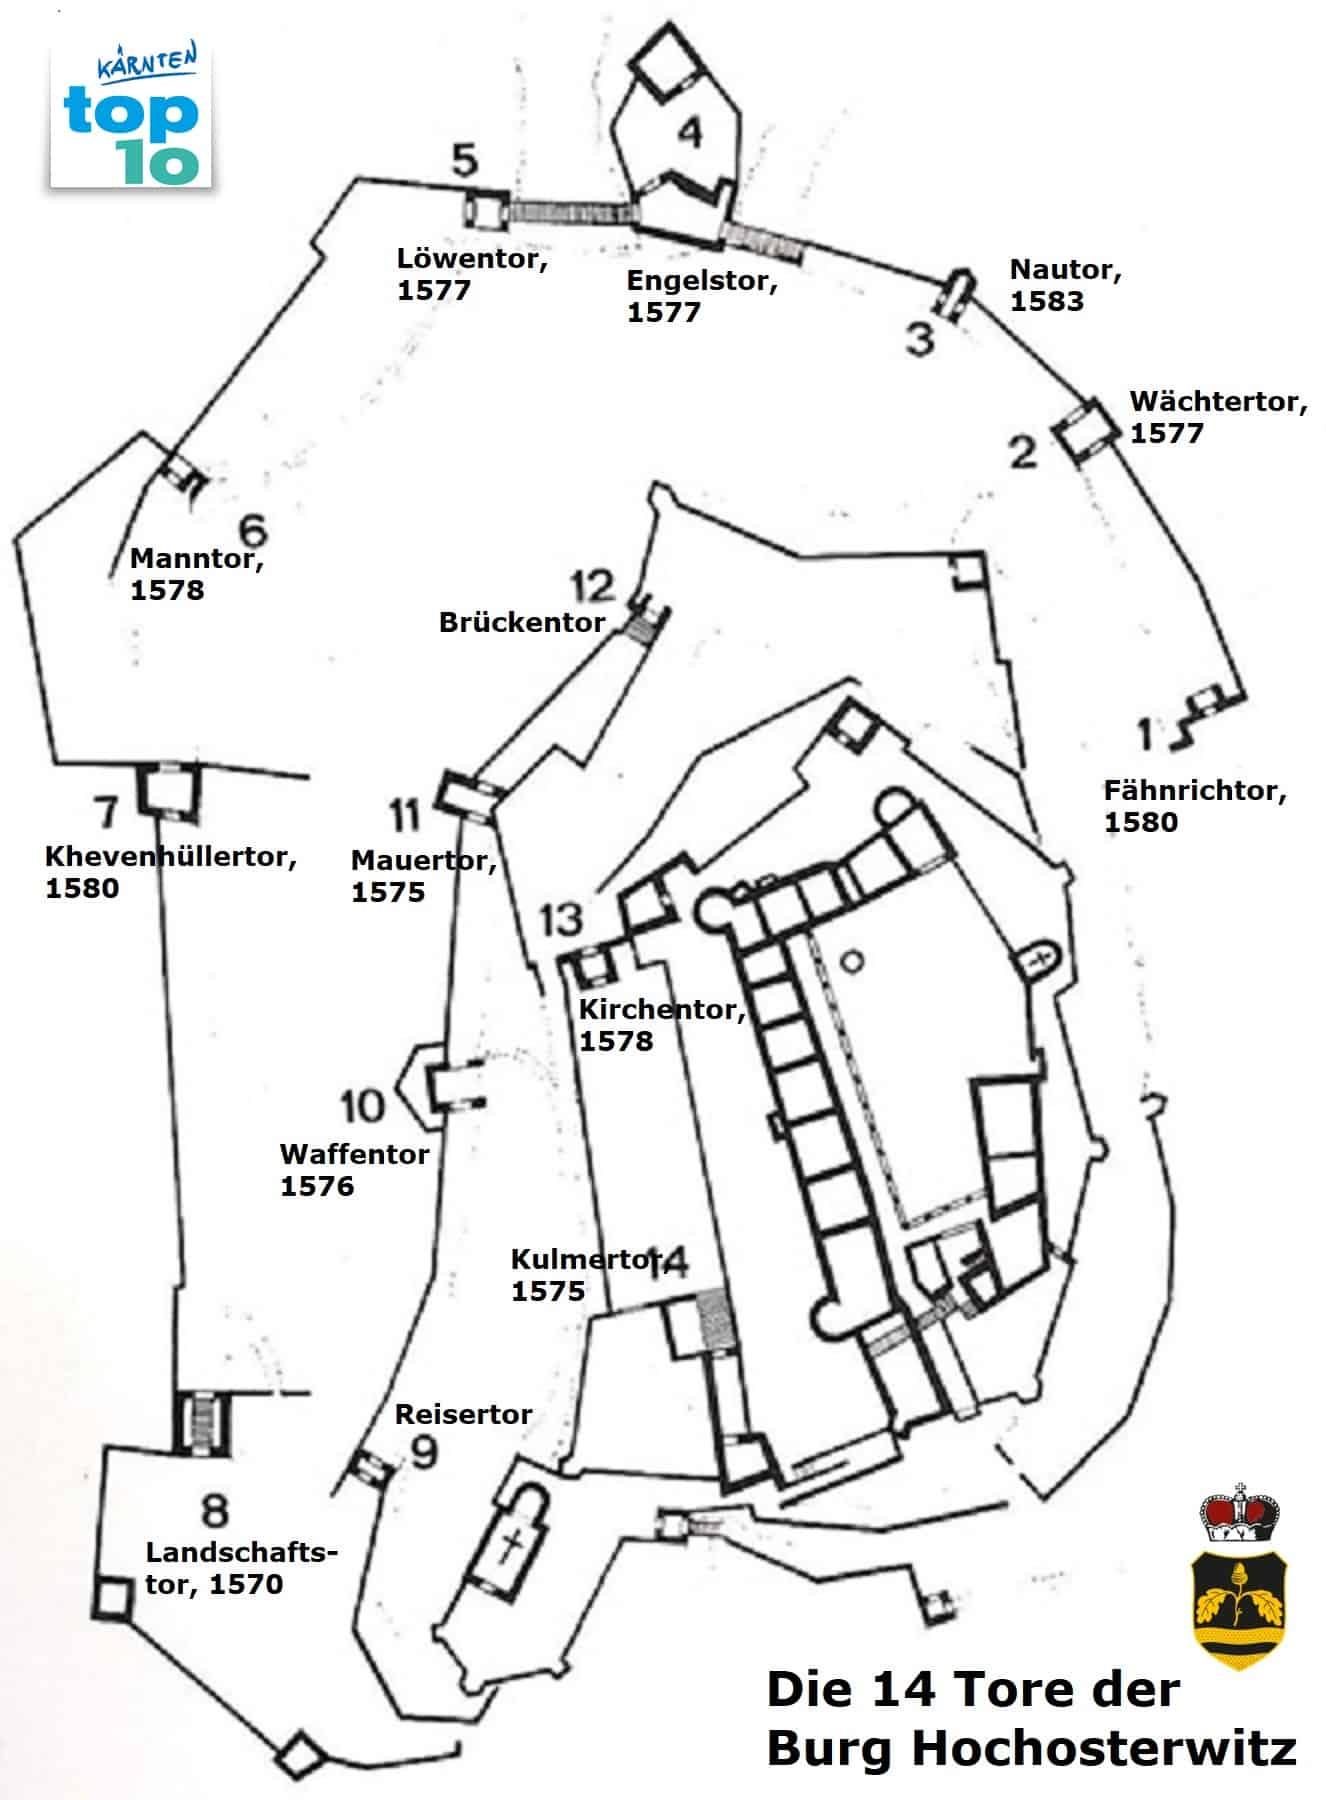 Alle 14 Burgtore und Lage auf der Burg Hochosterwitz im Überblick - Sehenswürdigkeiten in Kärnten, Österreich